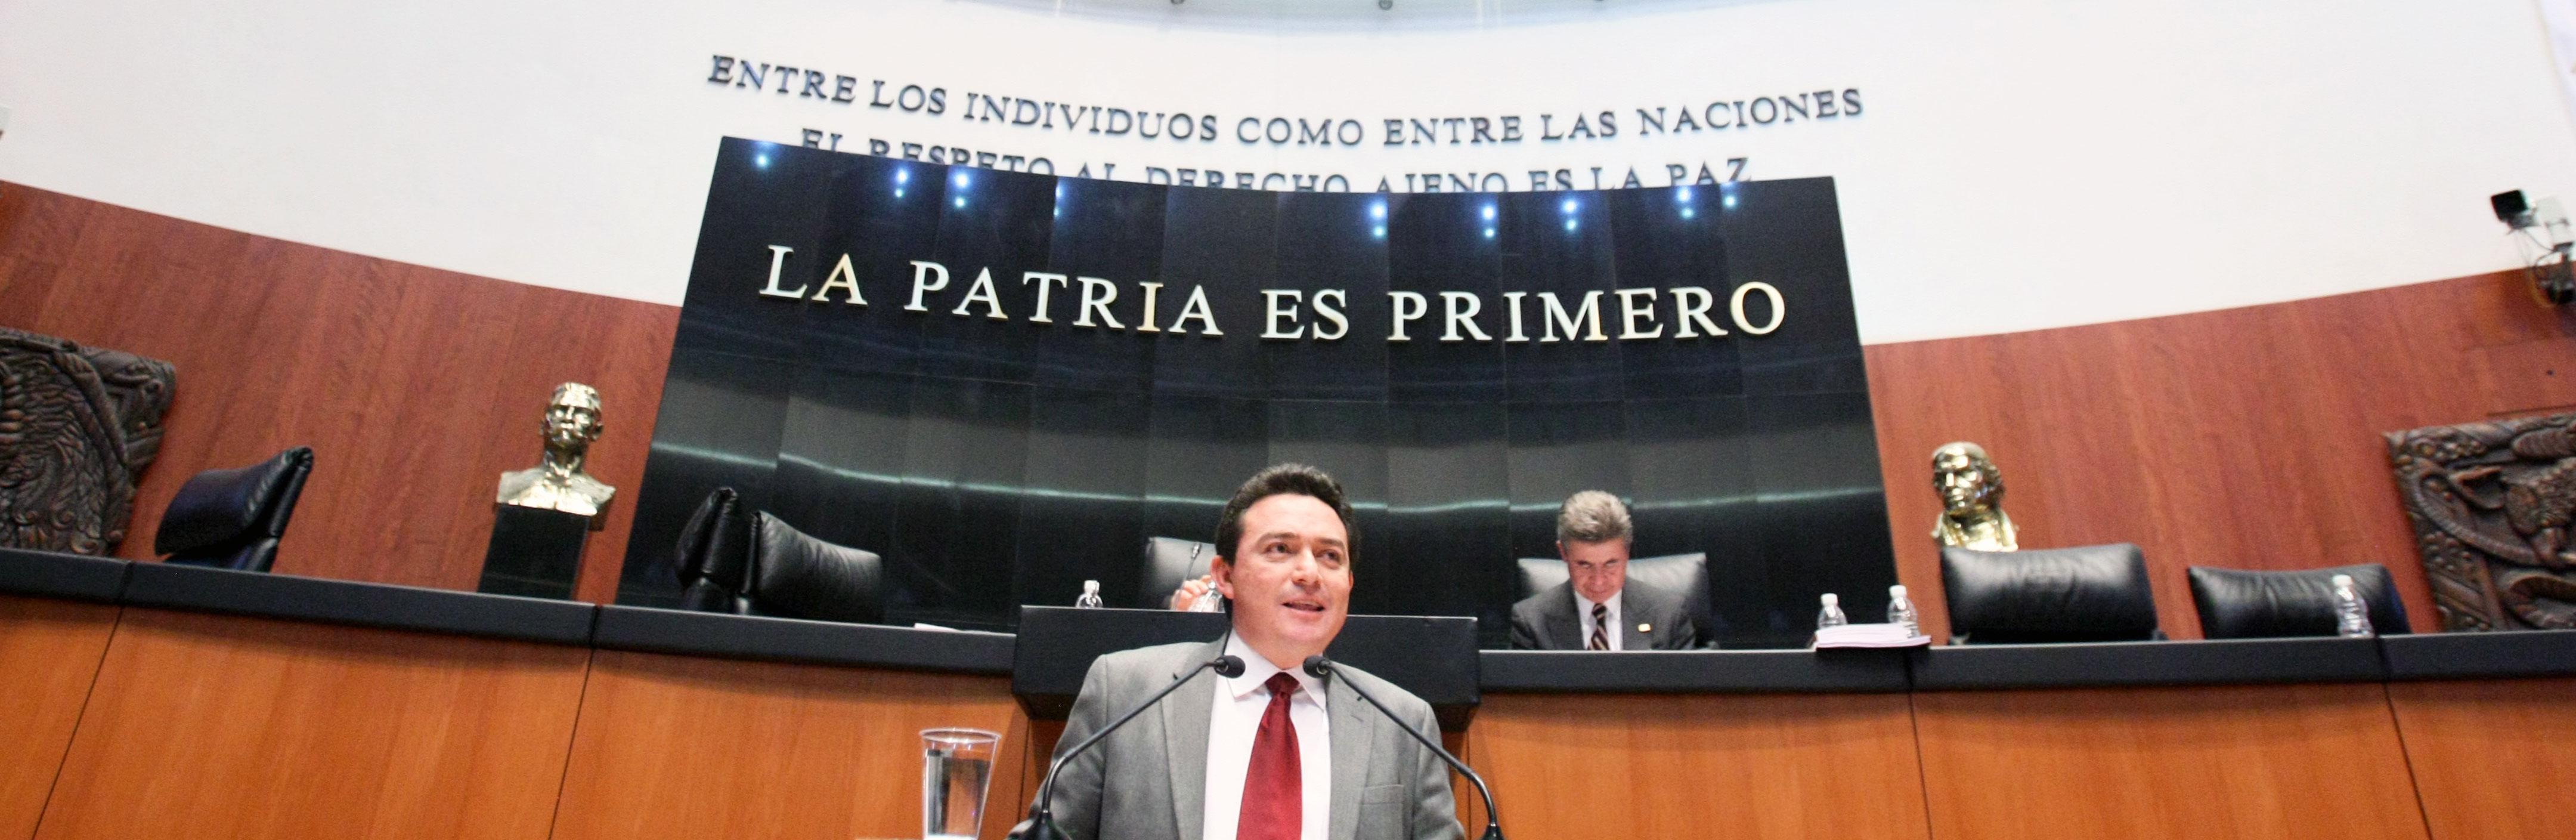 Seguro de separación individualizado - Daniel Ávila Ruiz